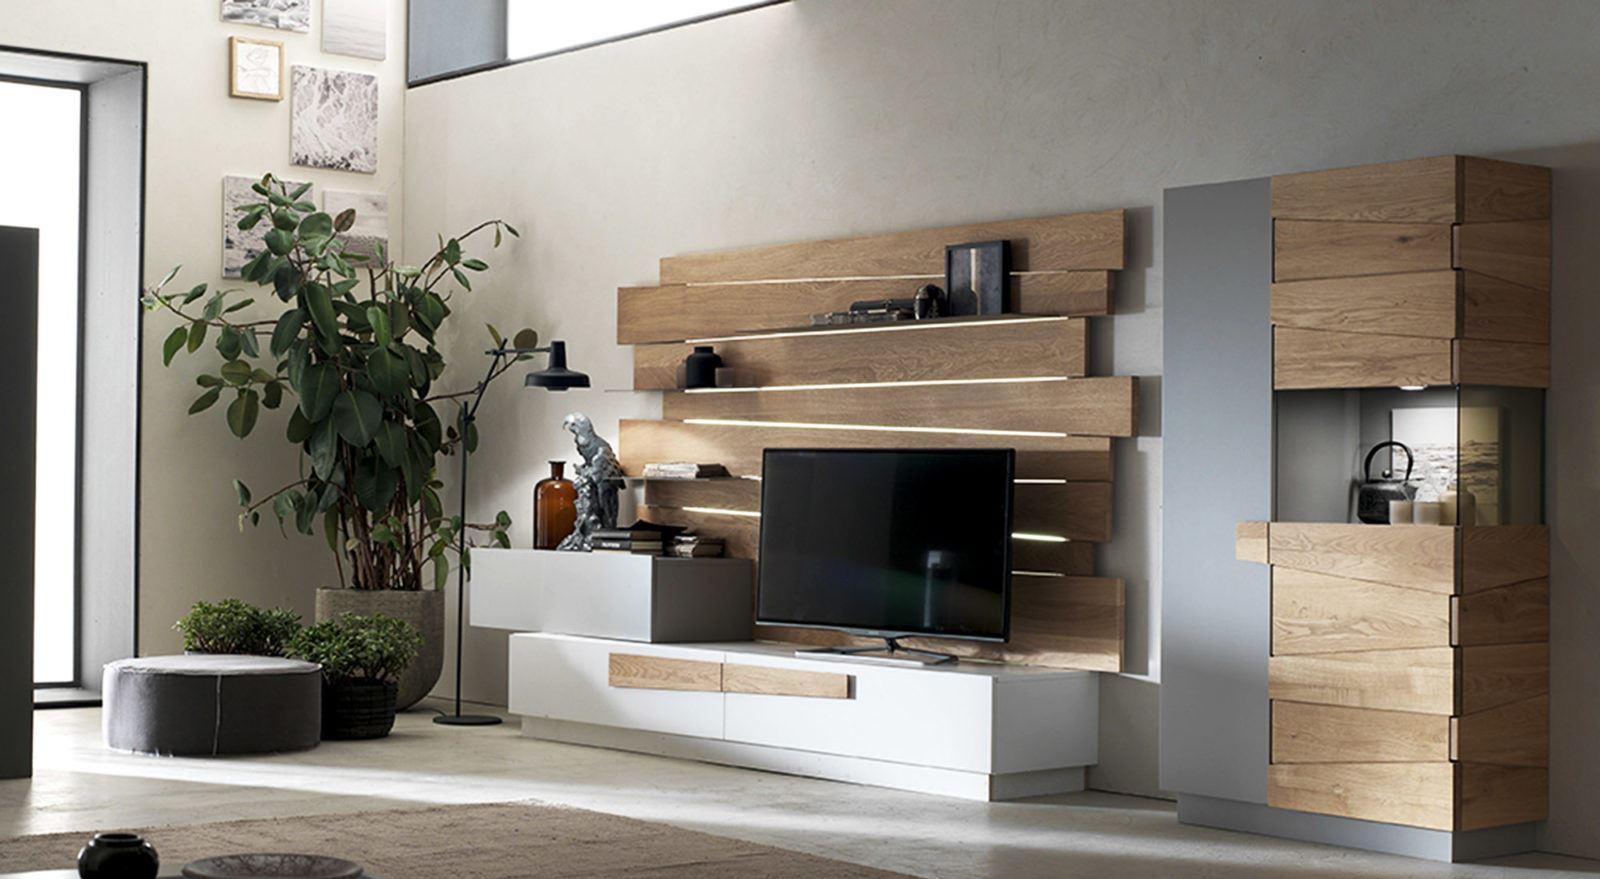 Vendita di mobili per soggiorno a padova mobili da for Offerta mobili